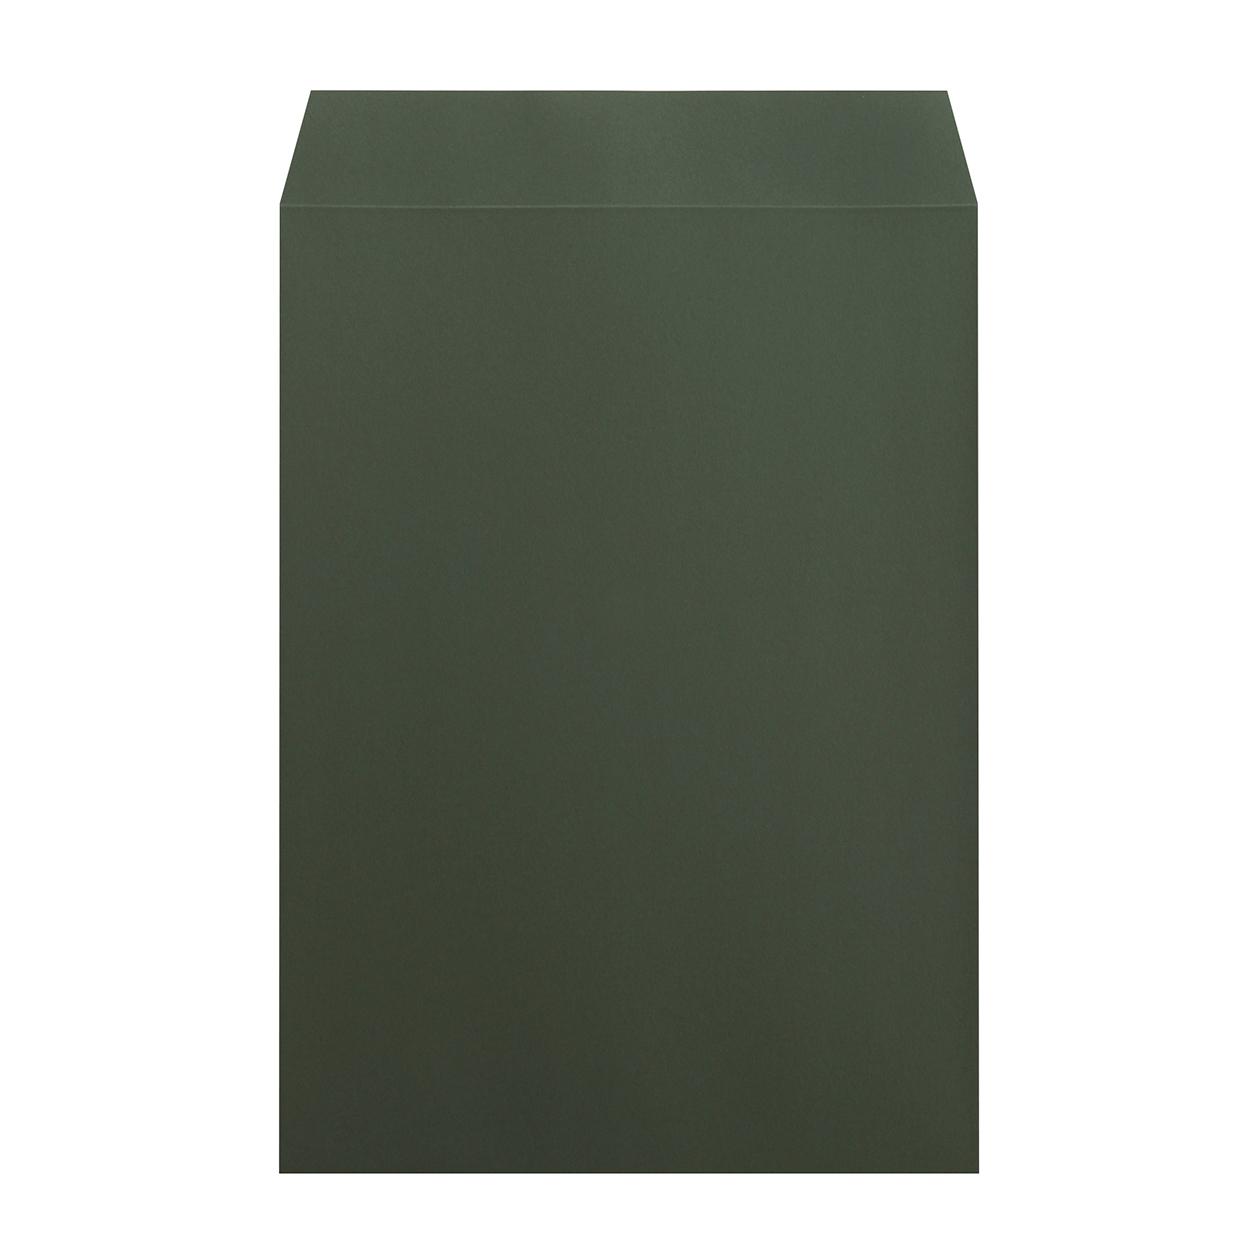 角2封筒 コットン ボトルグリーン 116.3g